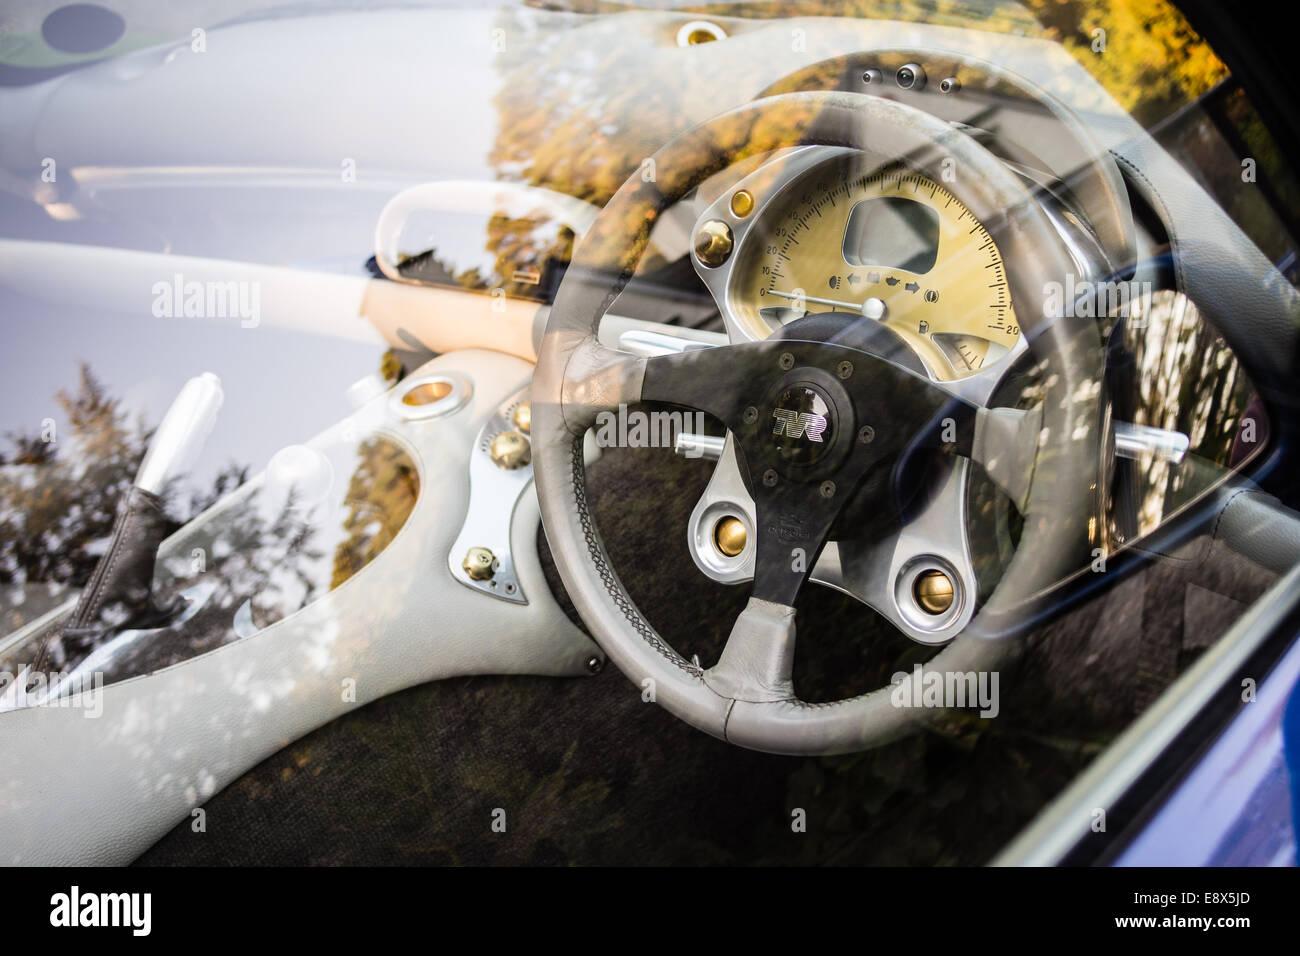 Leder-Interieur der britischen Sportwagen neben herbstlichen Wald. Stockbild